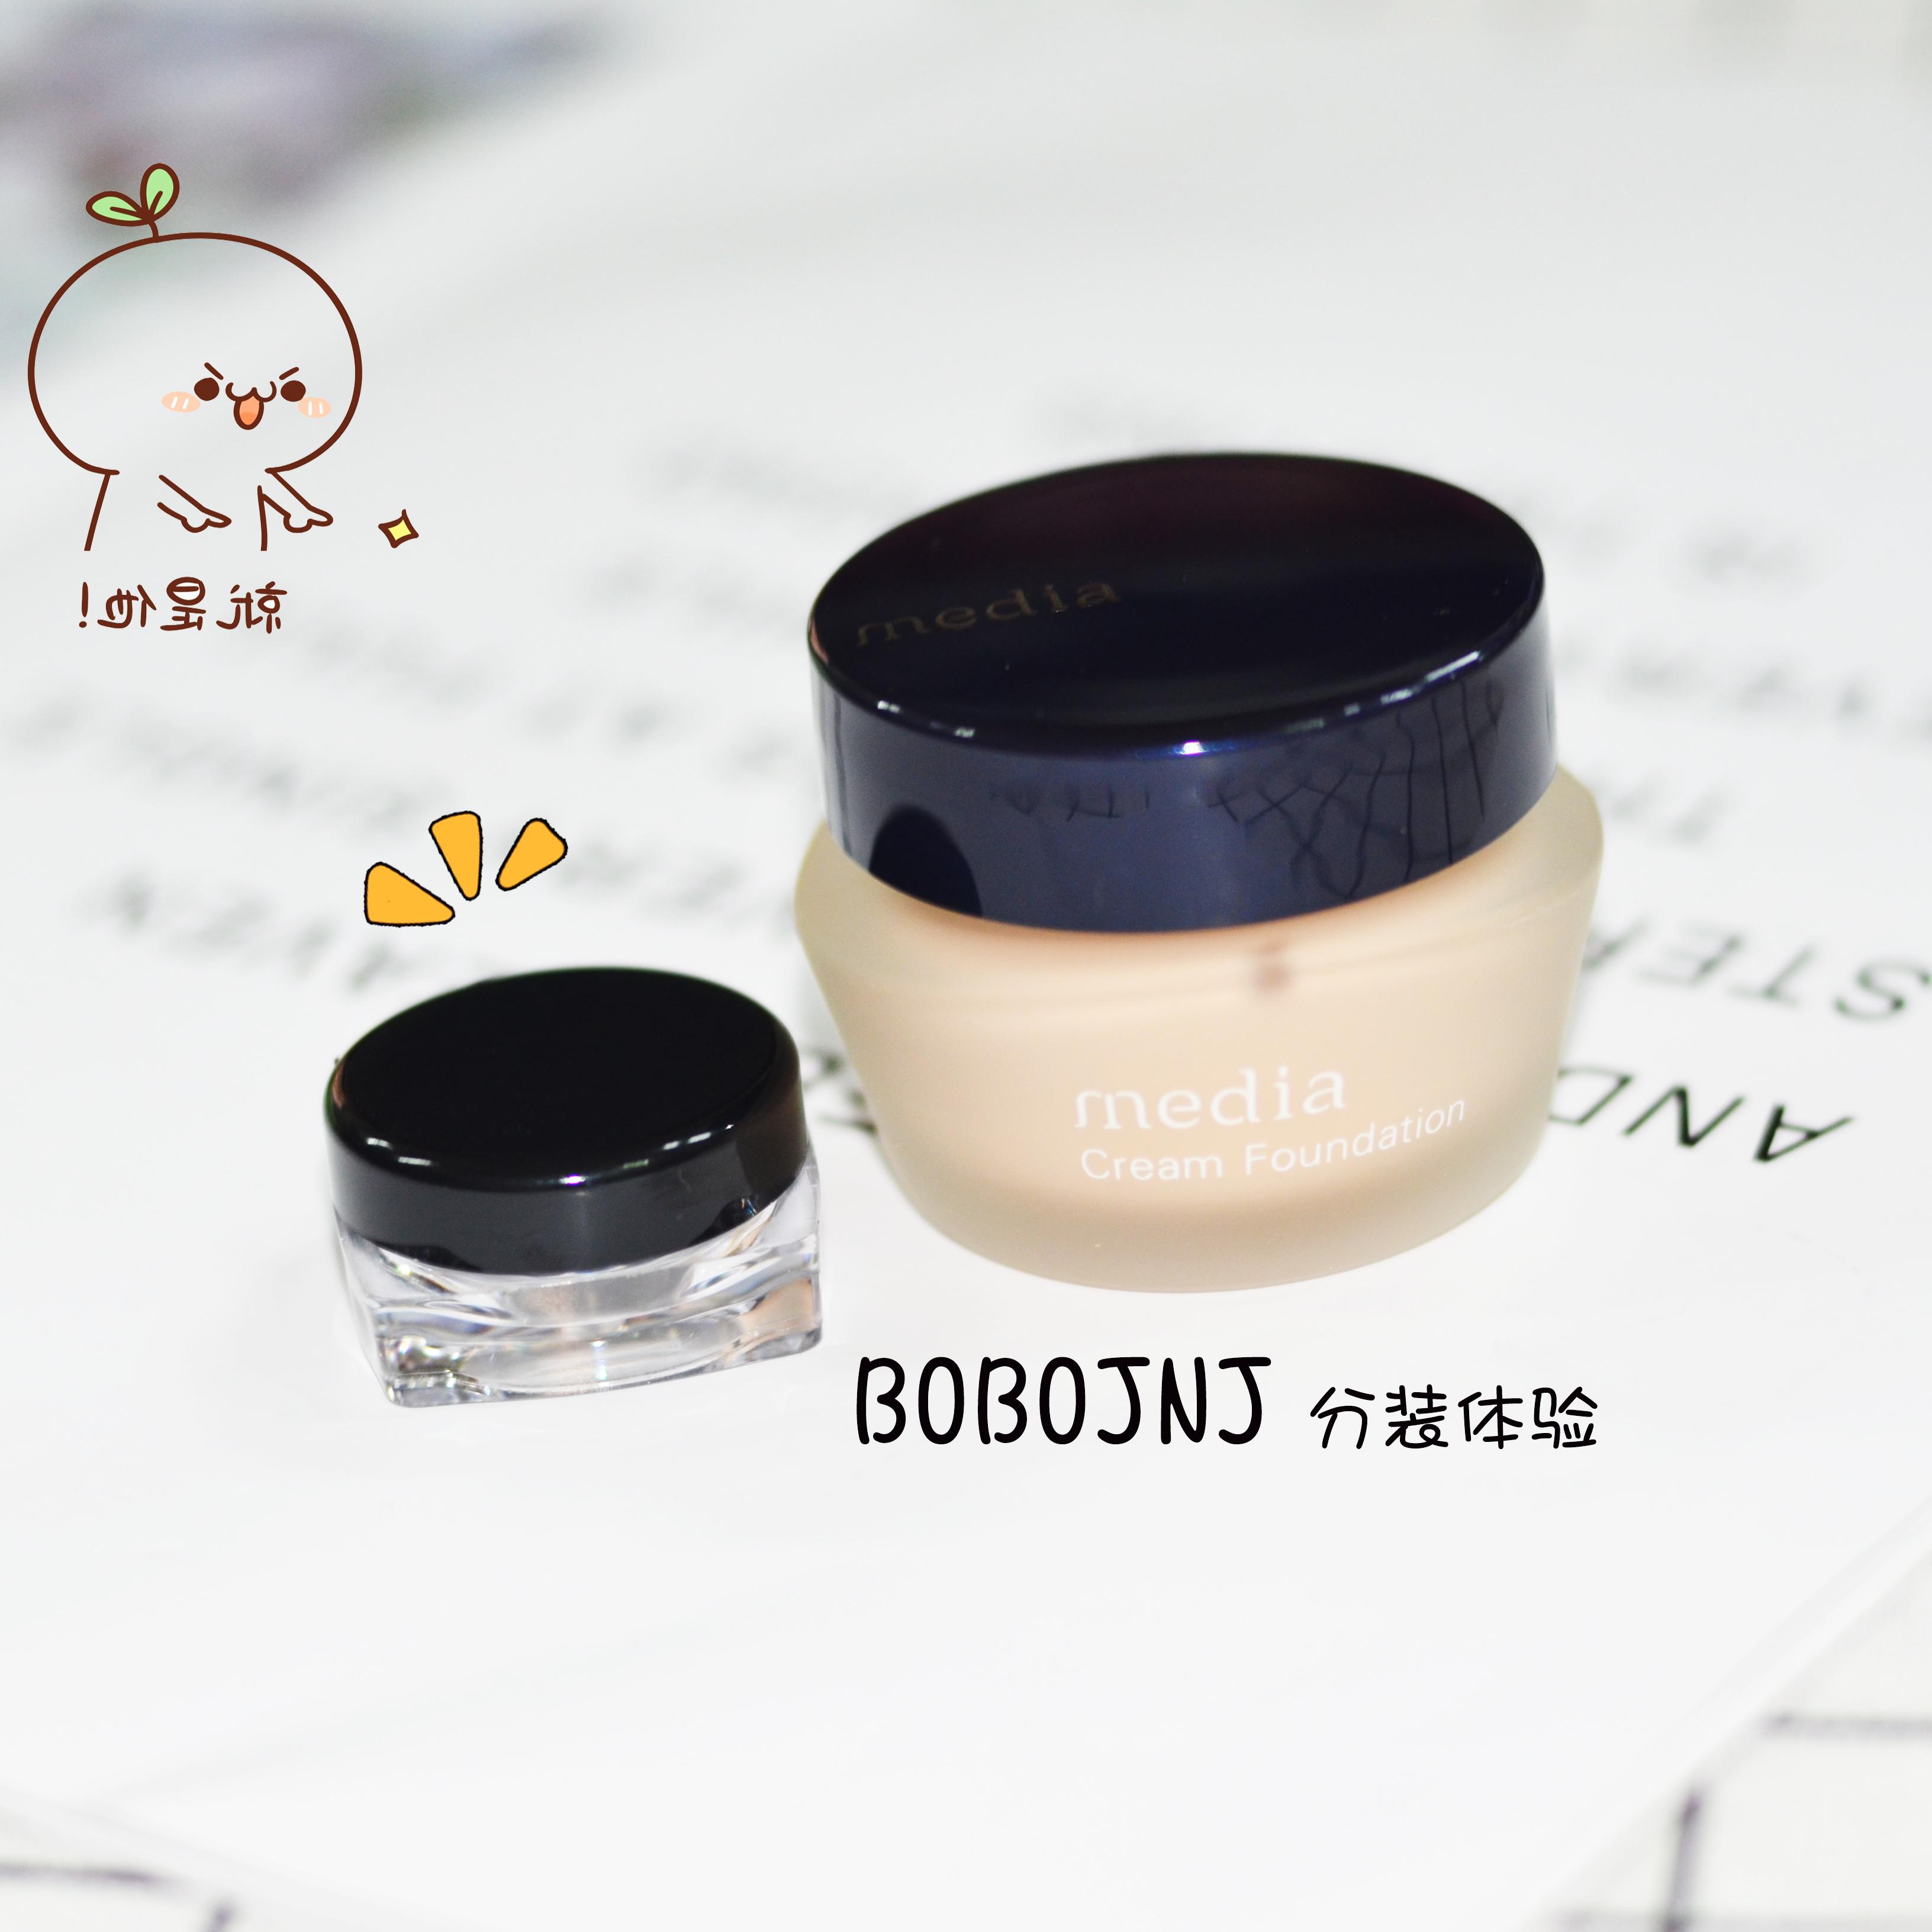 日本media嘉娜宝粉底霜媚点高保湿粉底液自然遮瑕 提供小样1g